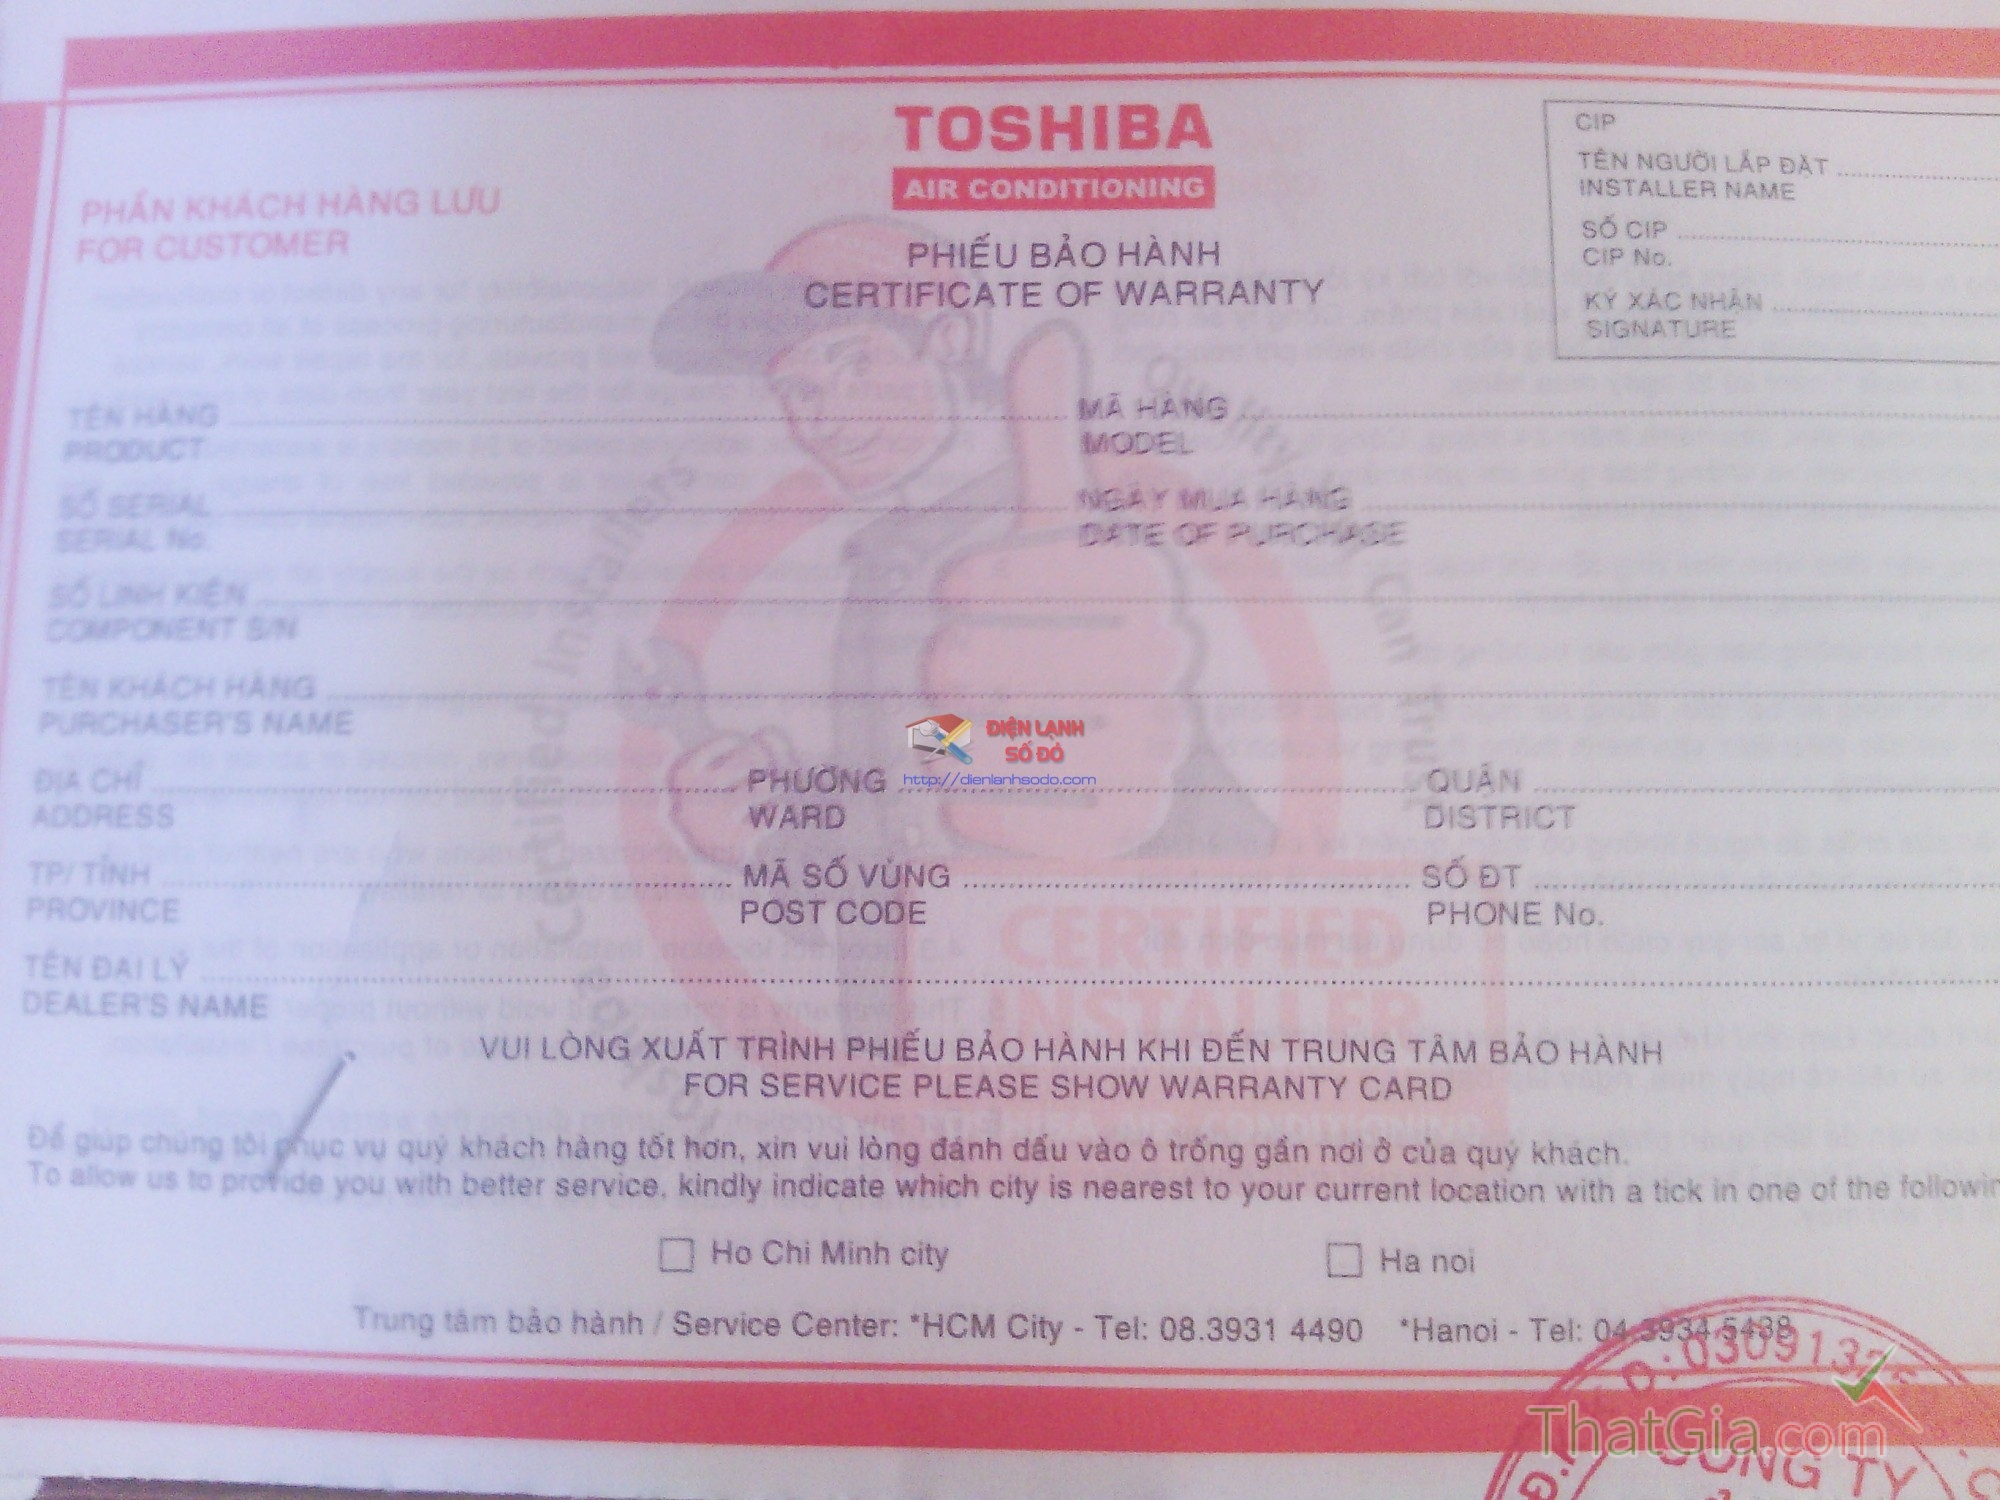 Phiếu bảo hành của Toshiba